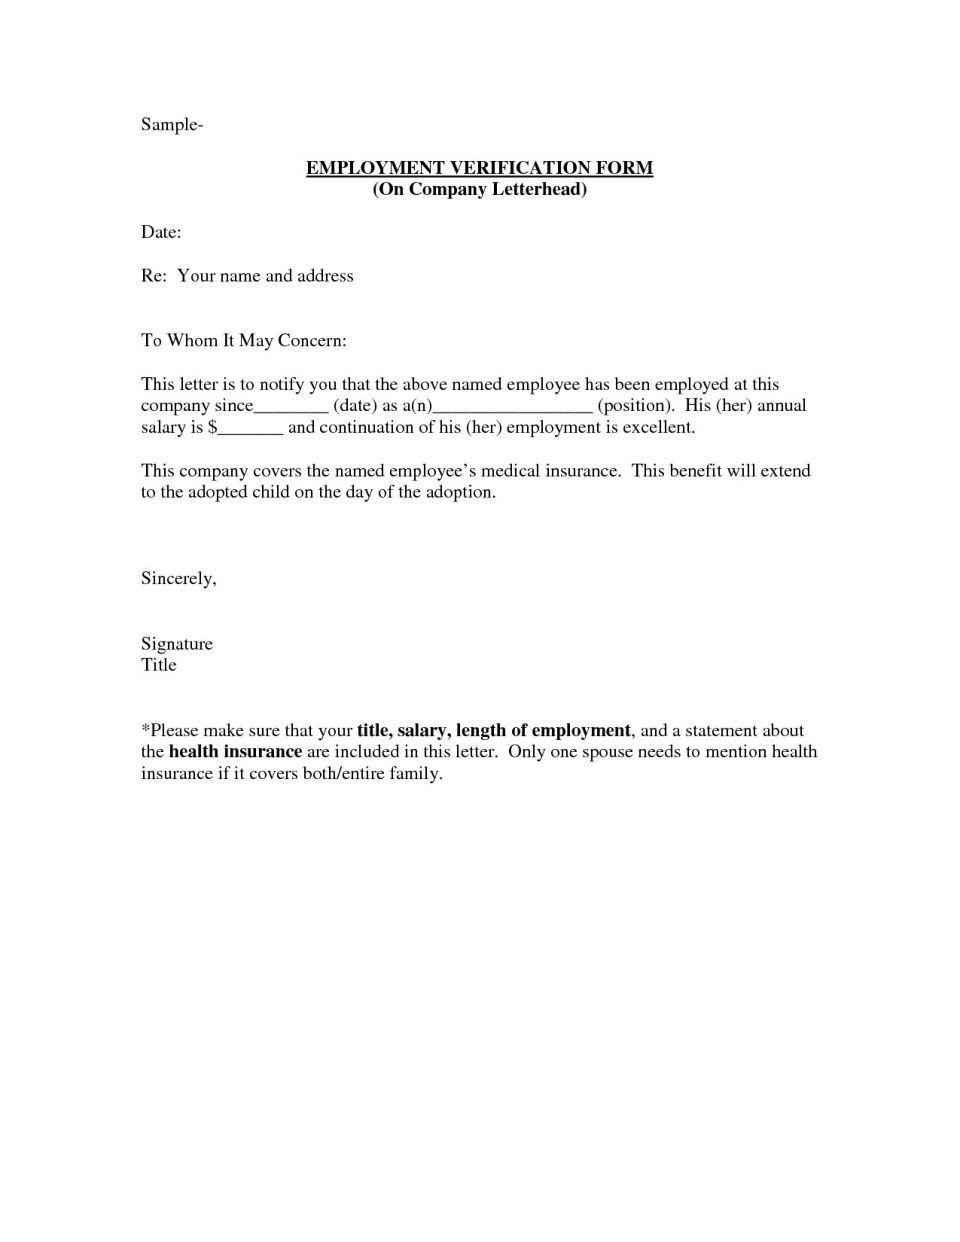 Employment Verification Letter Sample Ironi Celikdemirsan With Employment Verification Letter Template Wo Letter Template Word Letter Templates Letter Sample